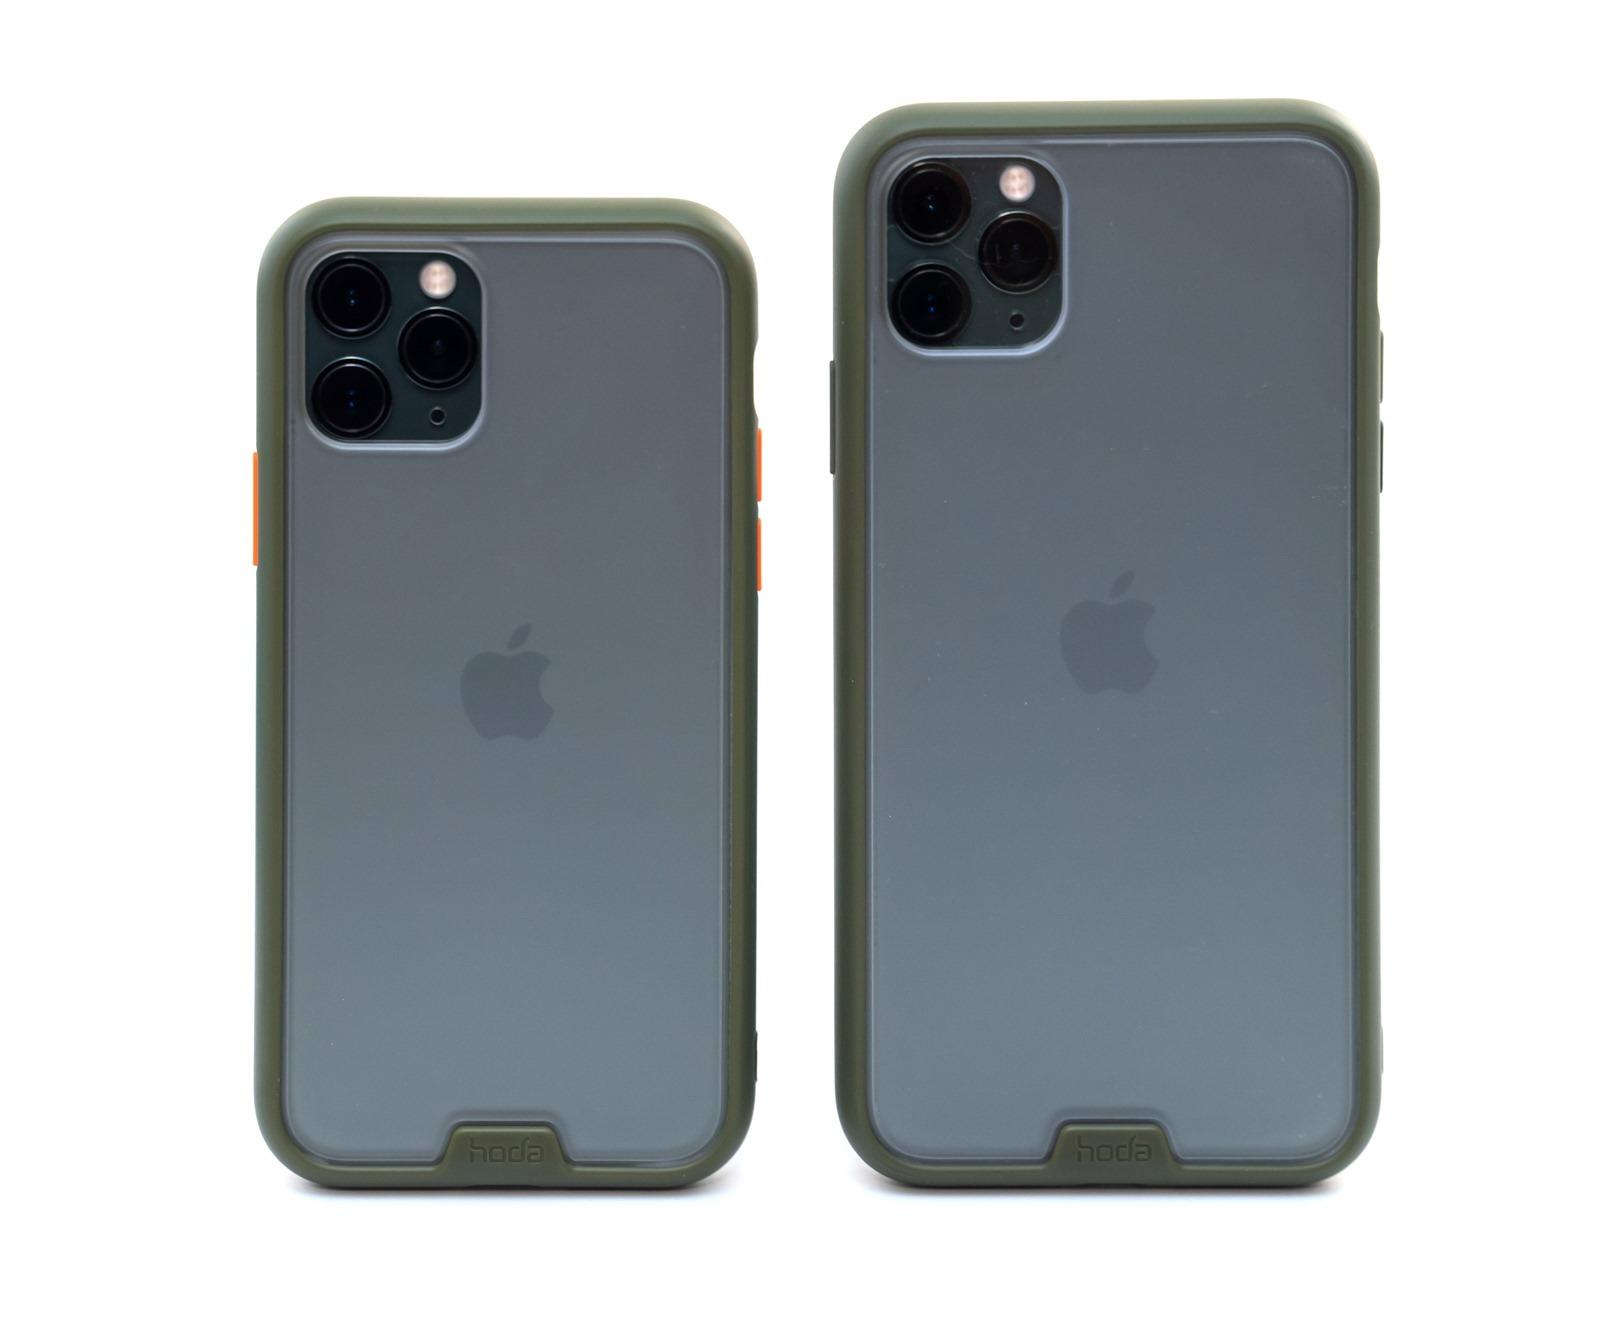 幫 iPhone 11 找保護殼?hoda 軍規防摔殼給手機最好保護,還有可更換按鈕更好按更好看! @3C 達人廖阿輝